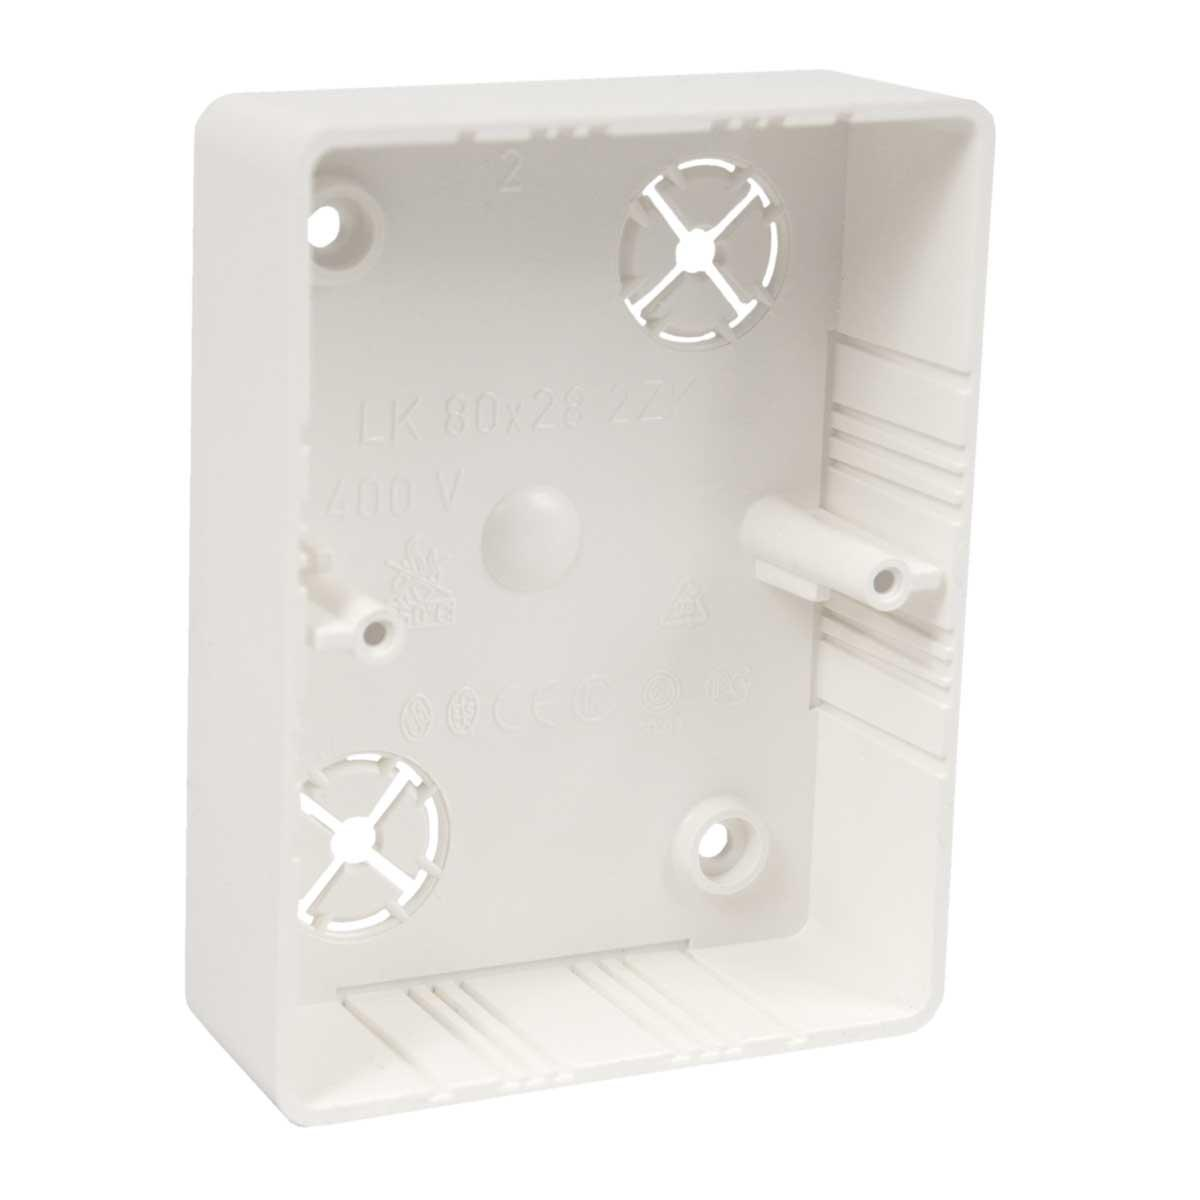 Коробка приладова подвійна (дуб) ПВХ; розміри 104х80х28мм